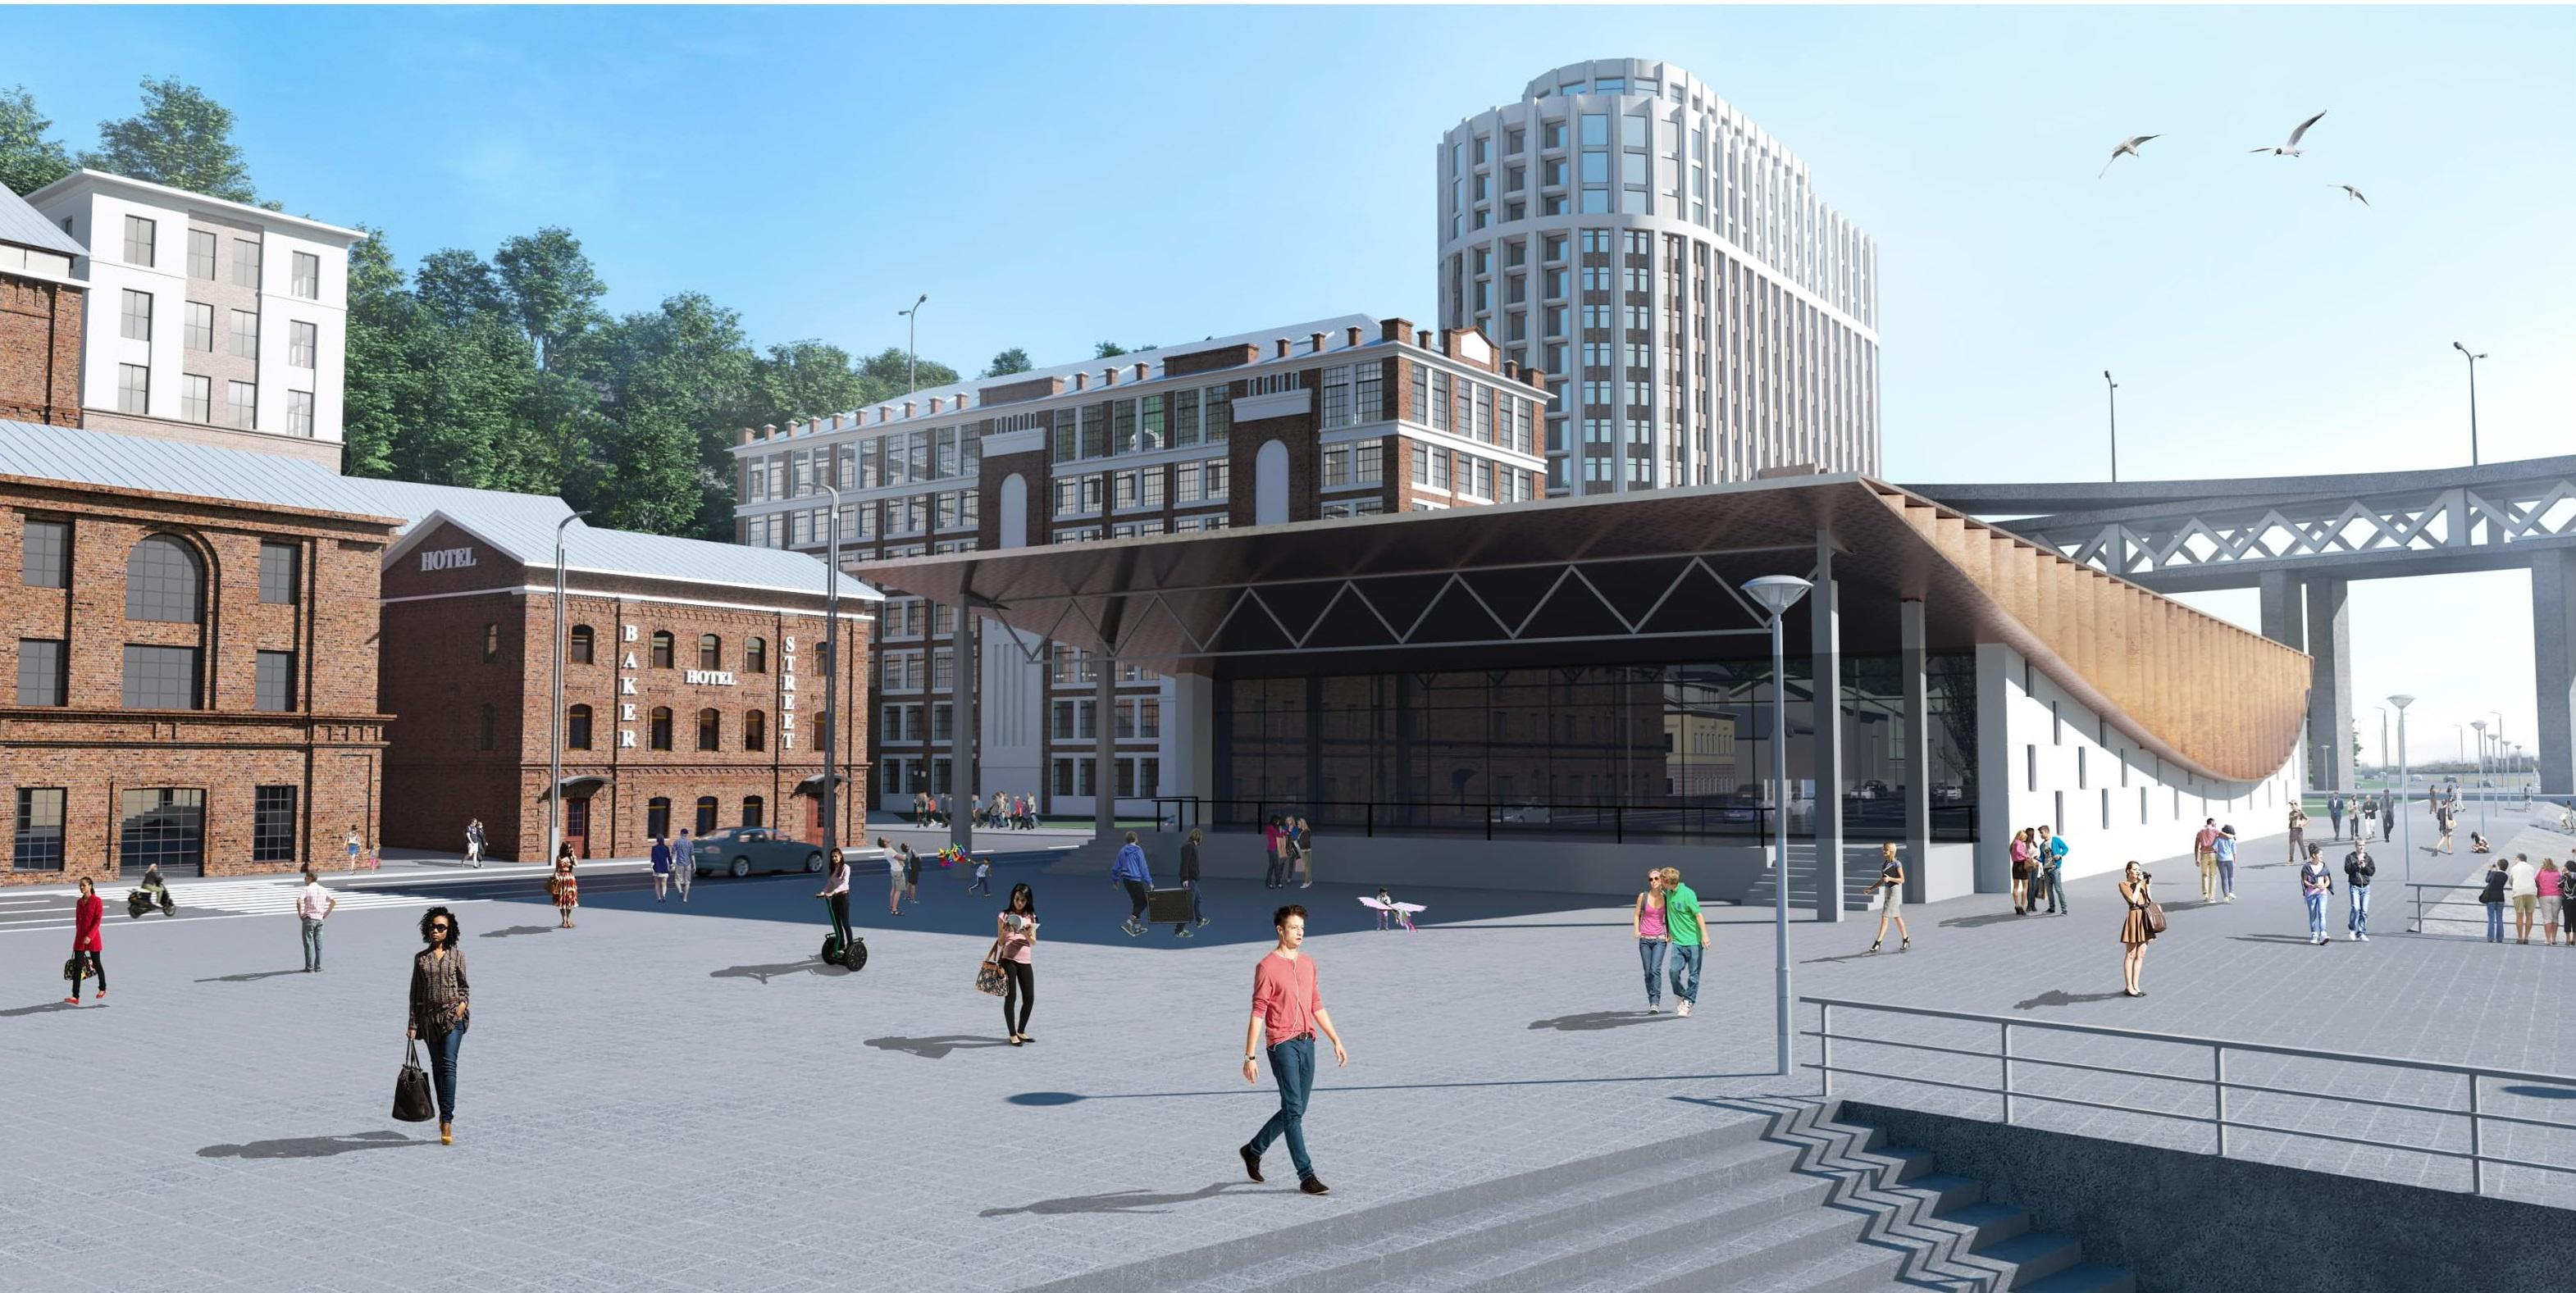 Первая ивент-площадка  появится на улице Черниговской уже в 2019 году в рамках проекта редевелопмента - фото 2